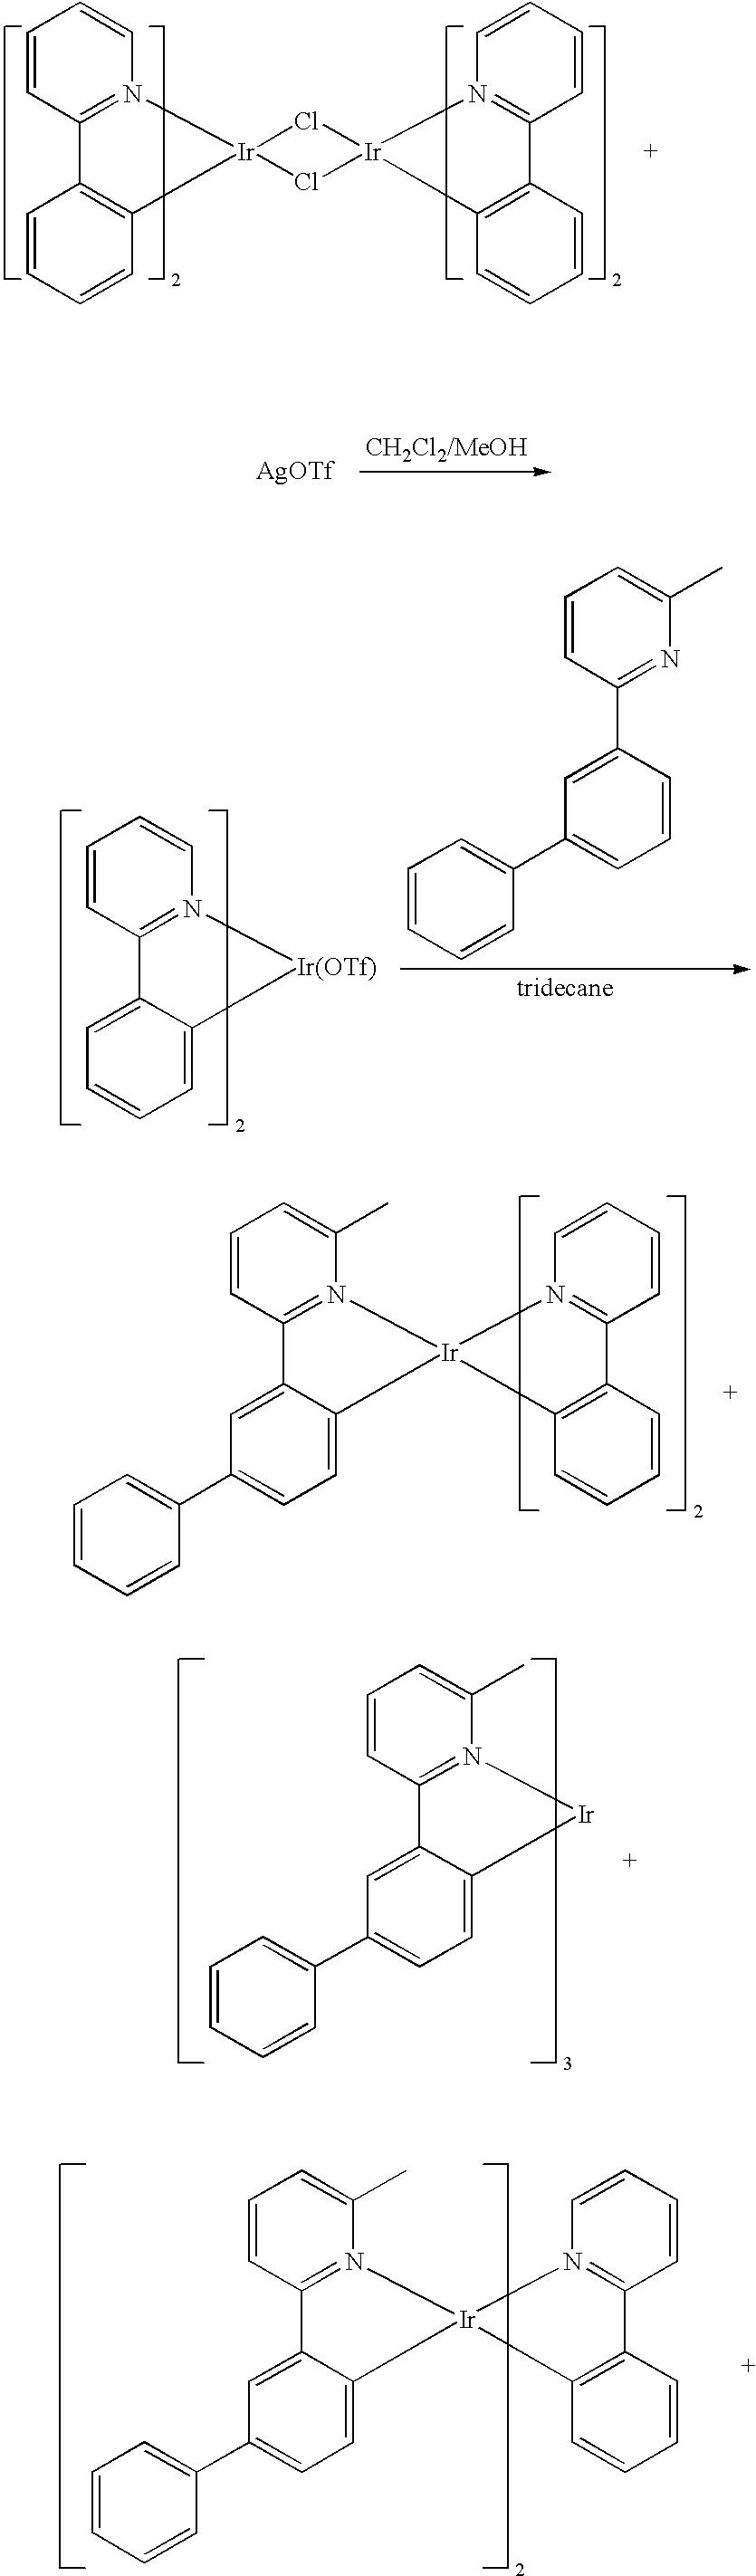 Figure US20090108737A1-20090430-C00084